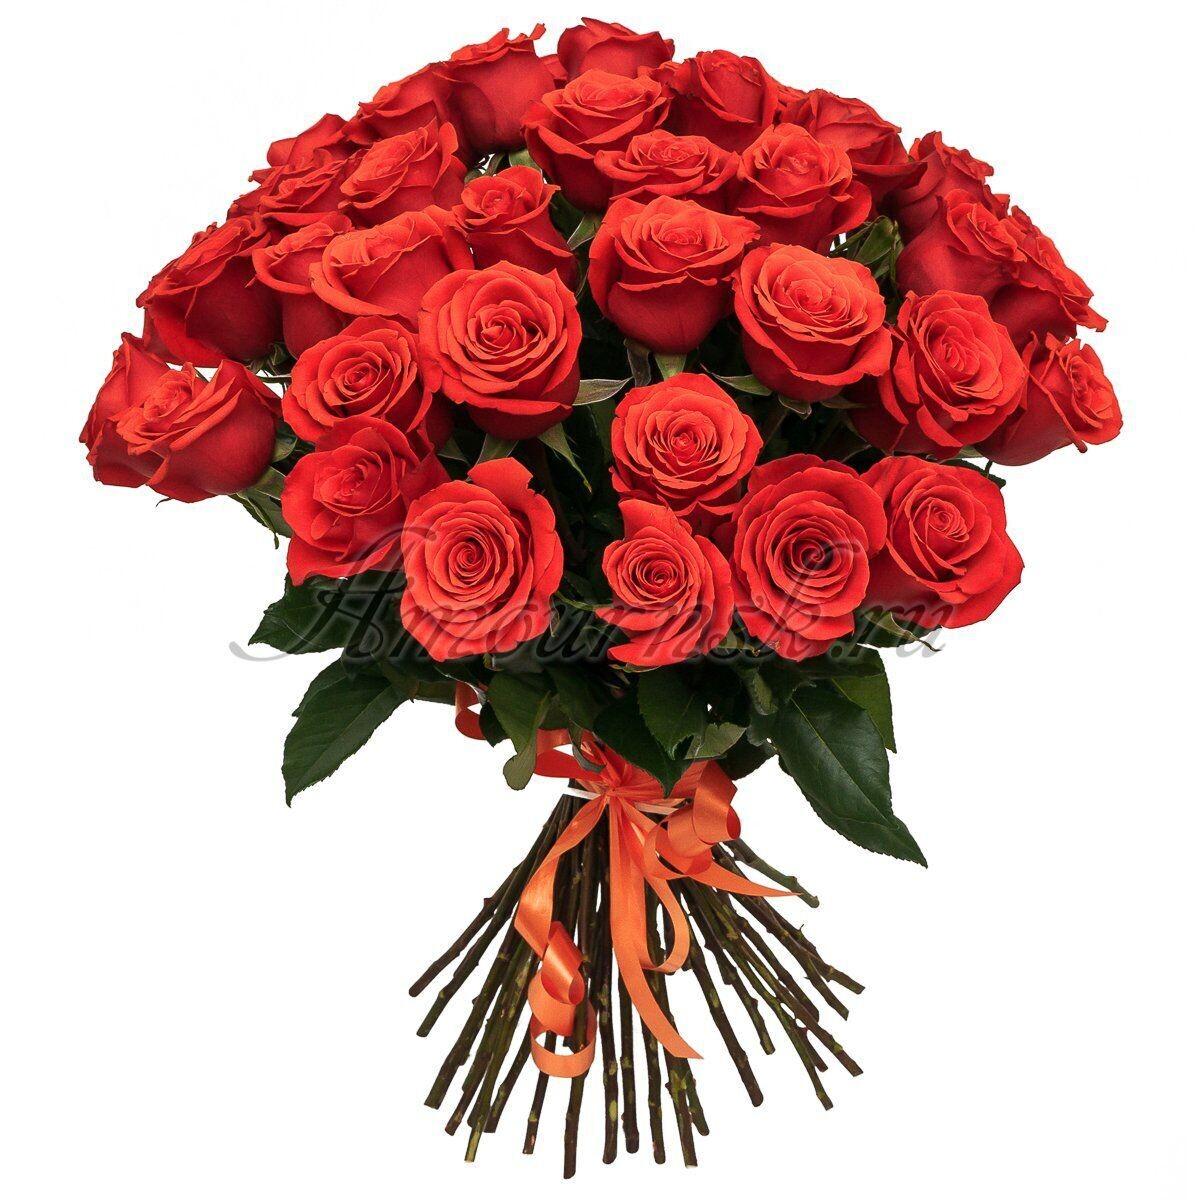 """Букет из 23 роз """"Нина"""" 60 см высотой"""